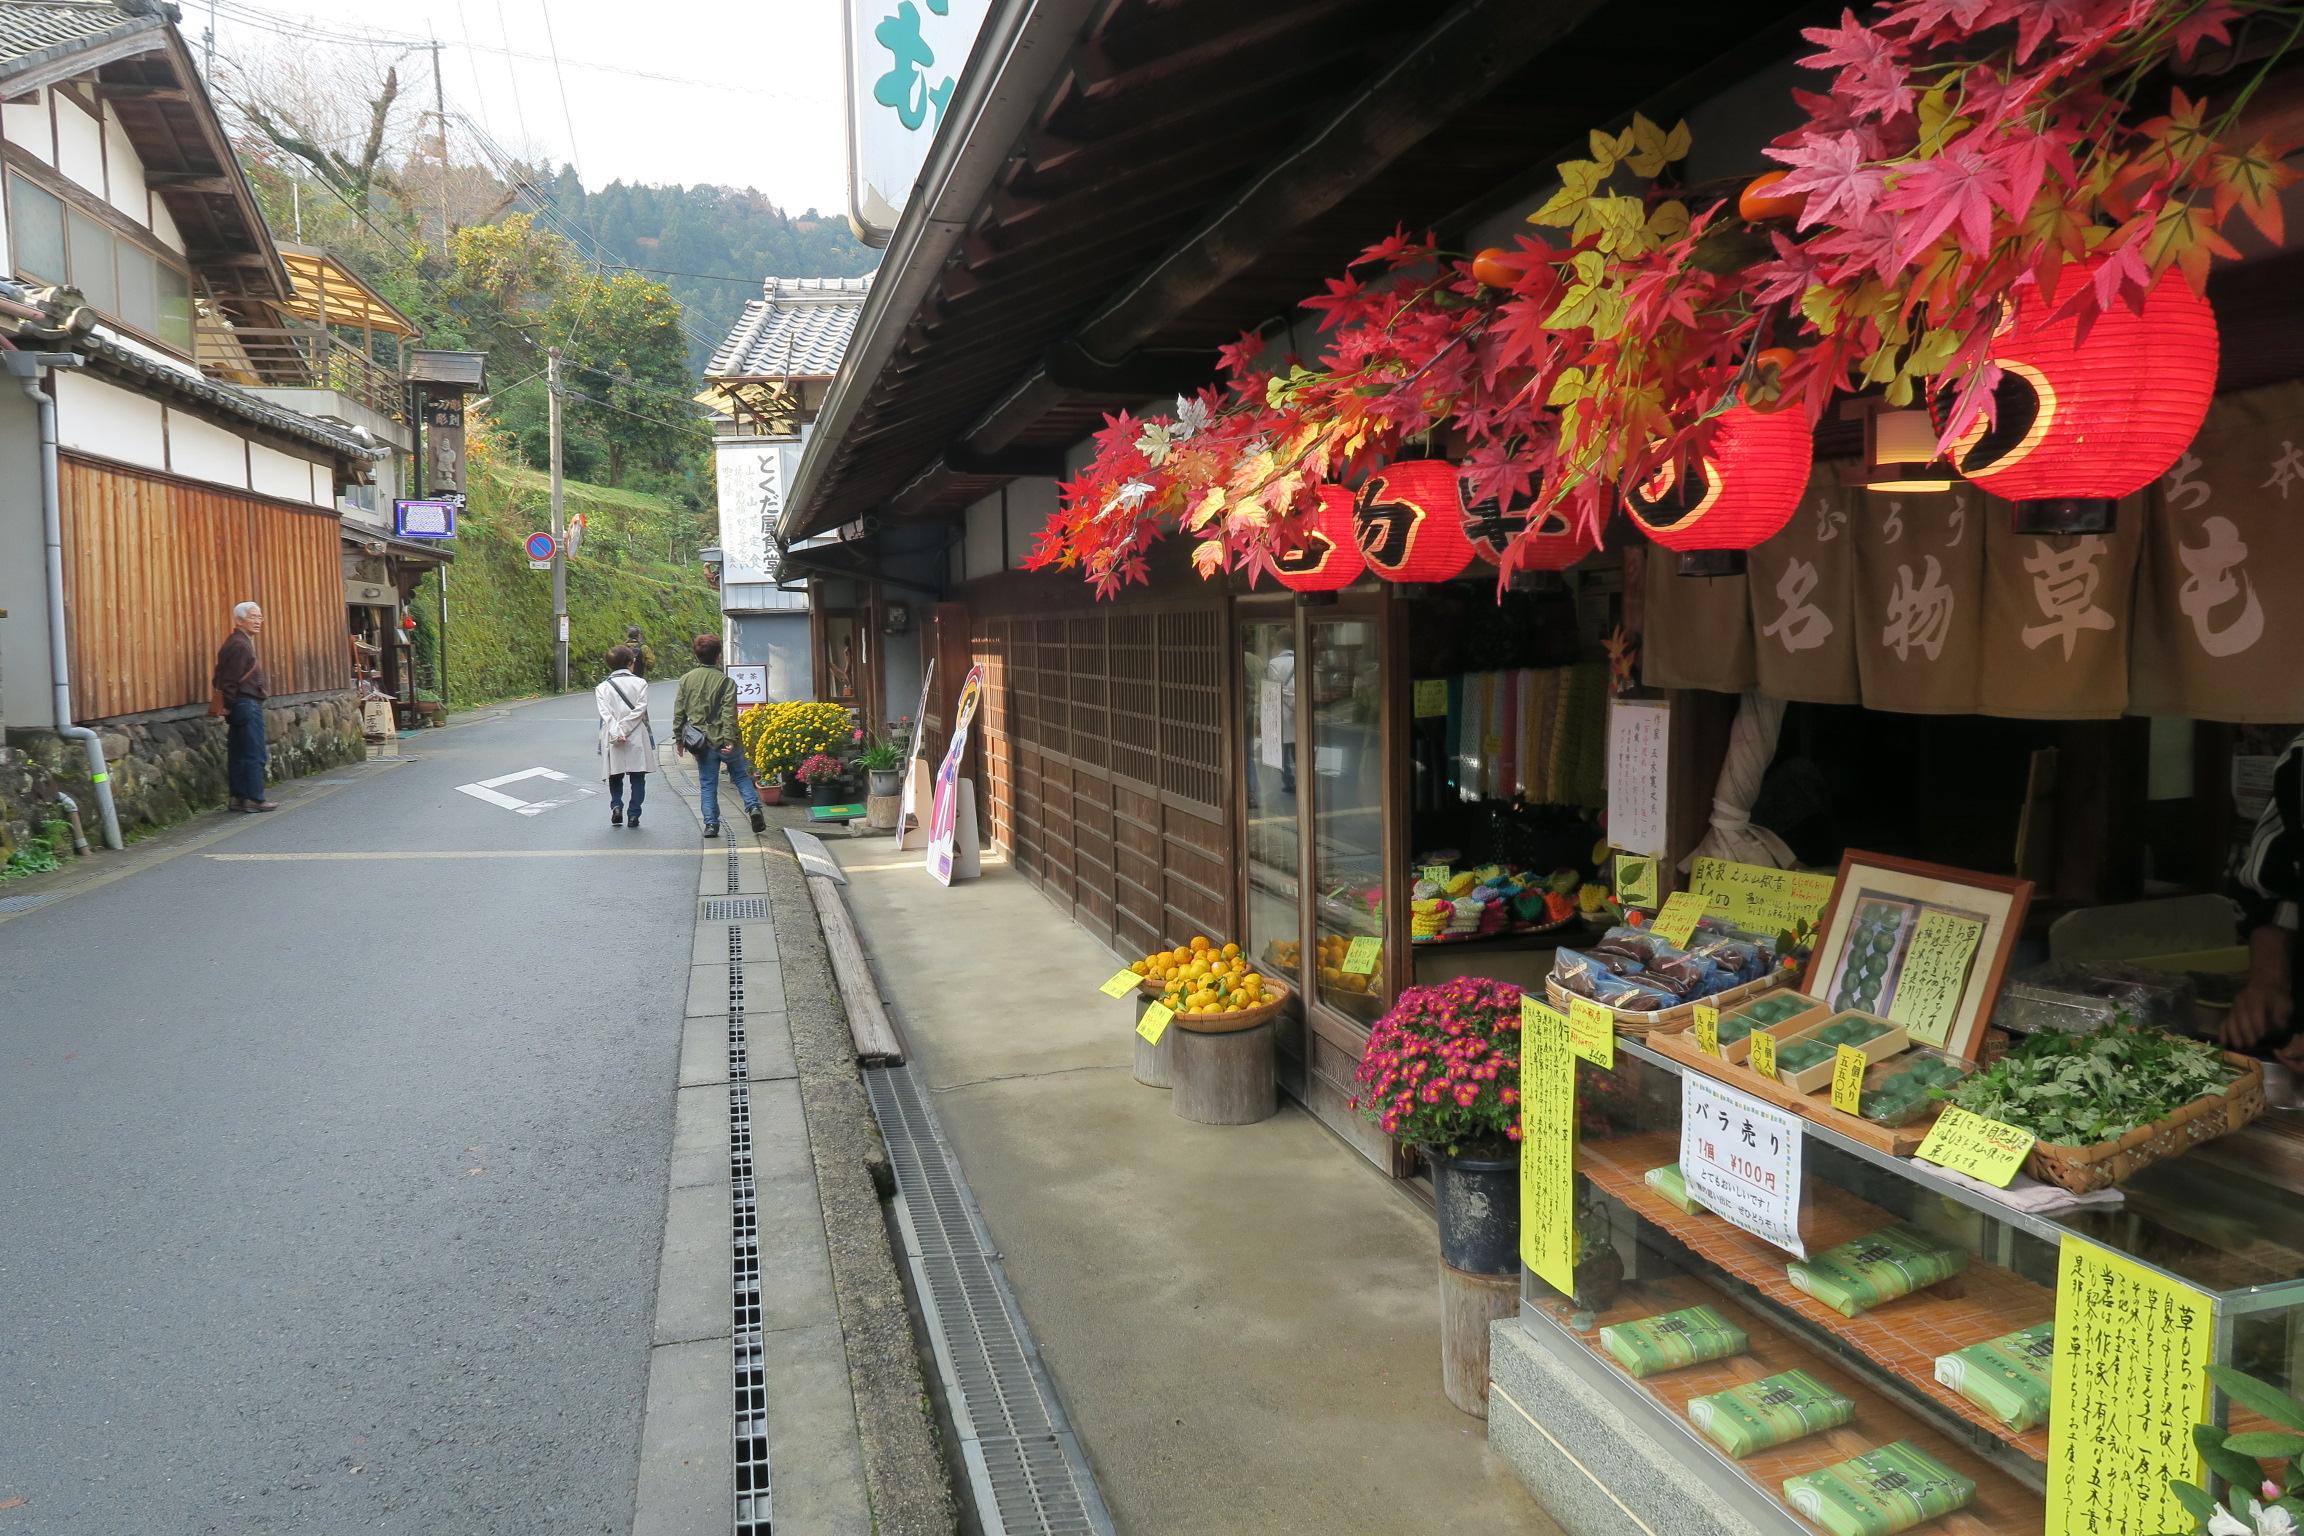 室生寺を出て太鼓橋を右手に行くと、昔ながらのお店が並んでいます。